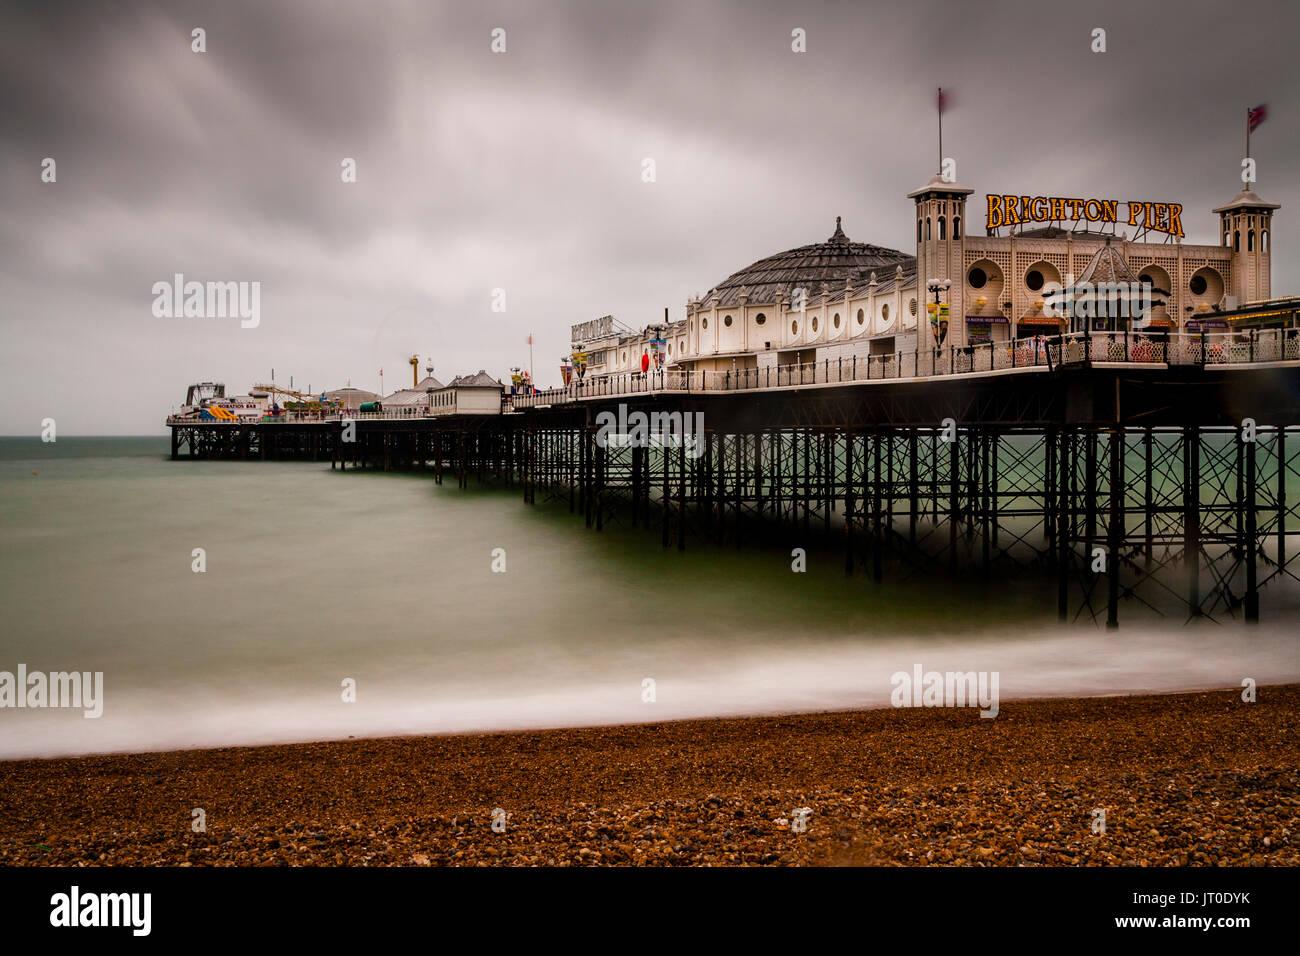 El Palace Pier de Brighton en un día lluvioso, Brighton, Sussex, Reino Unido Foto de stock